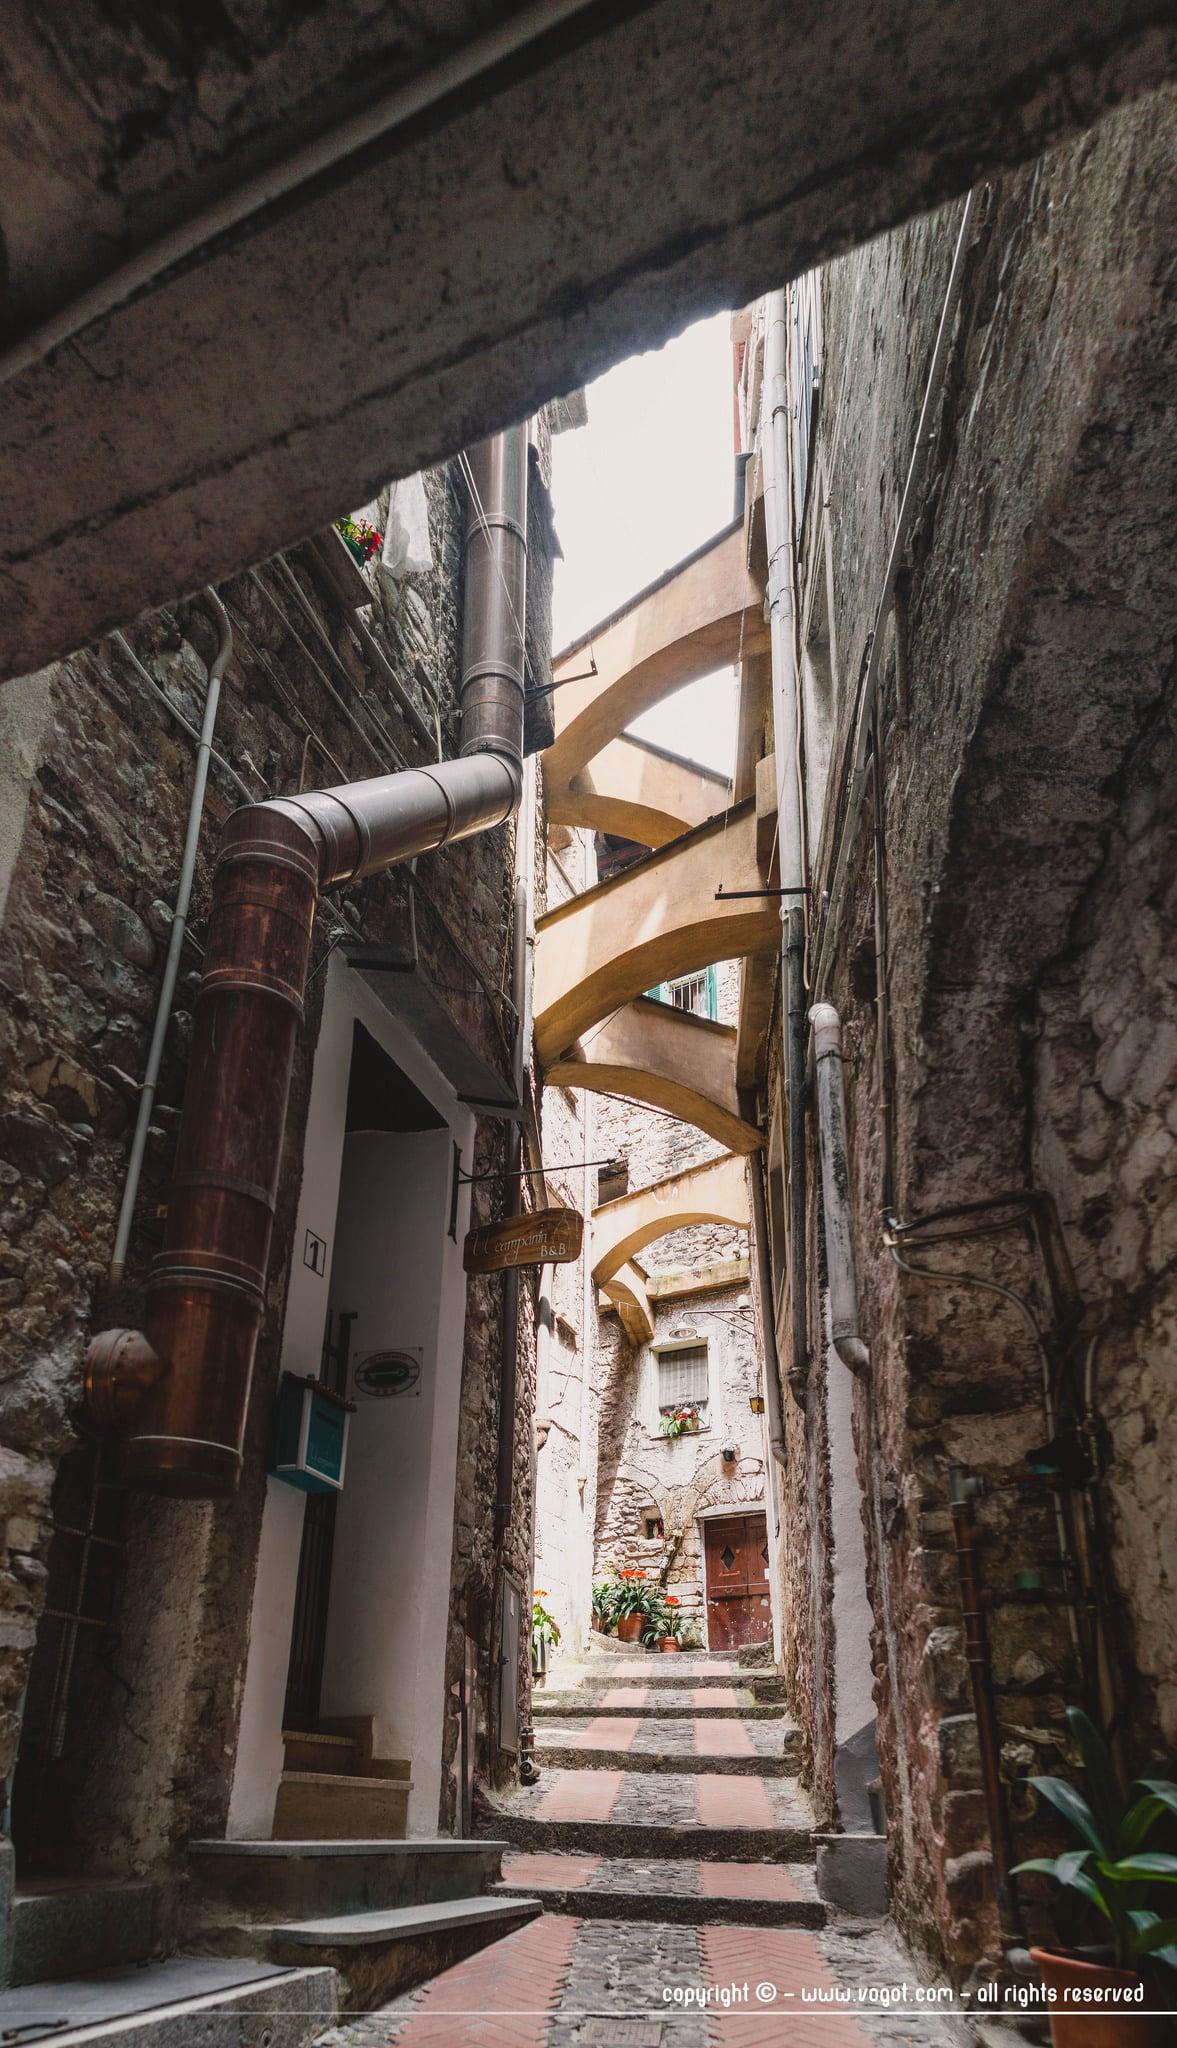 Dolceacqua - la Terra - les ruelles étroites donnent une architecture particulière